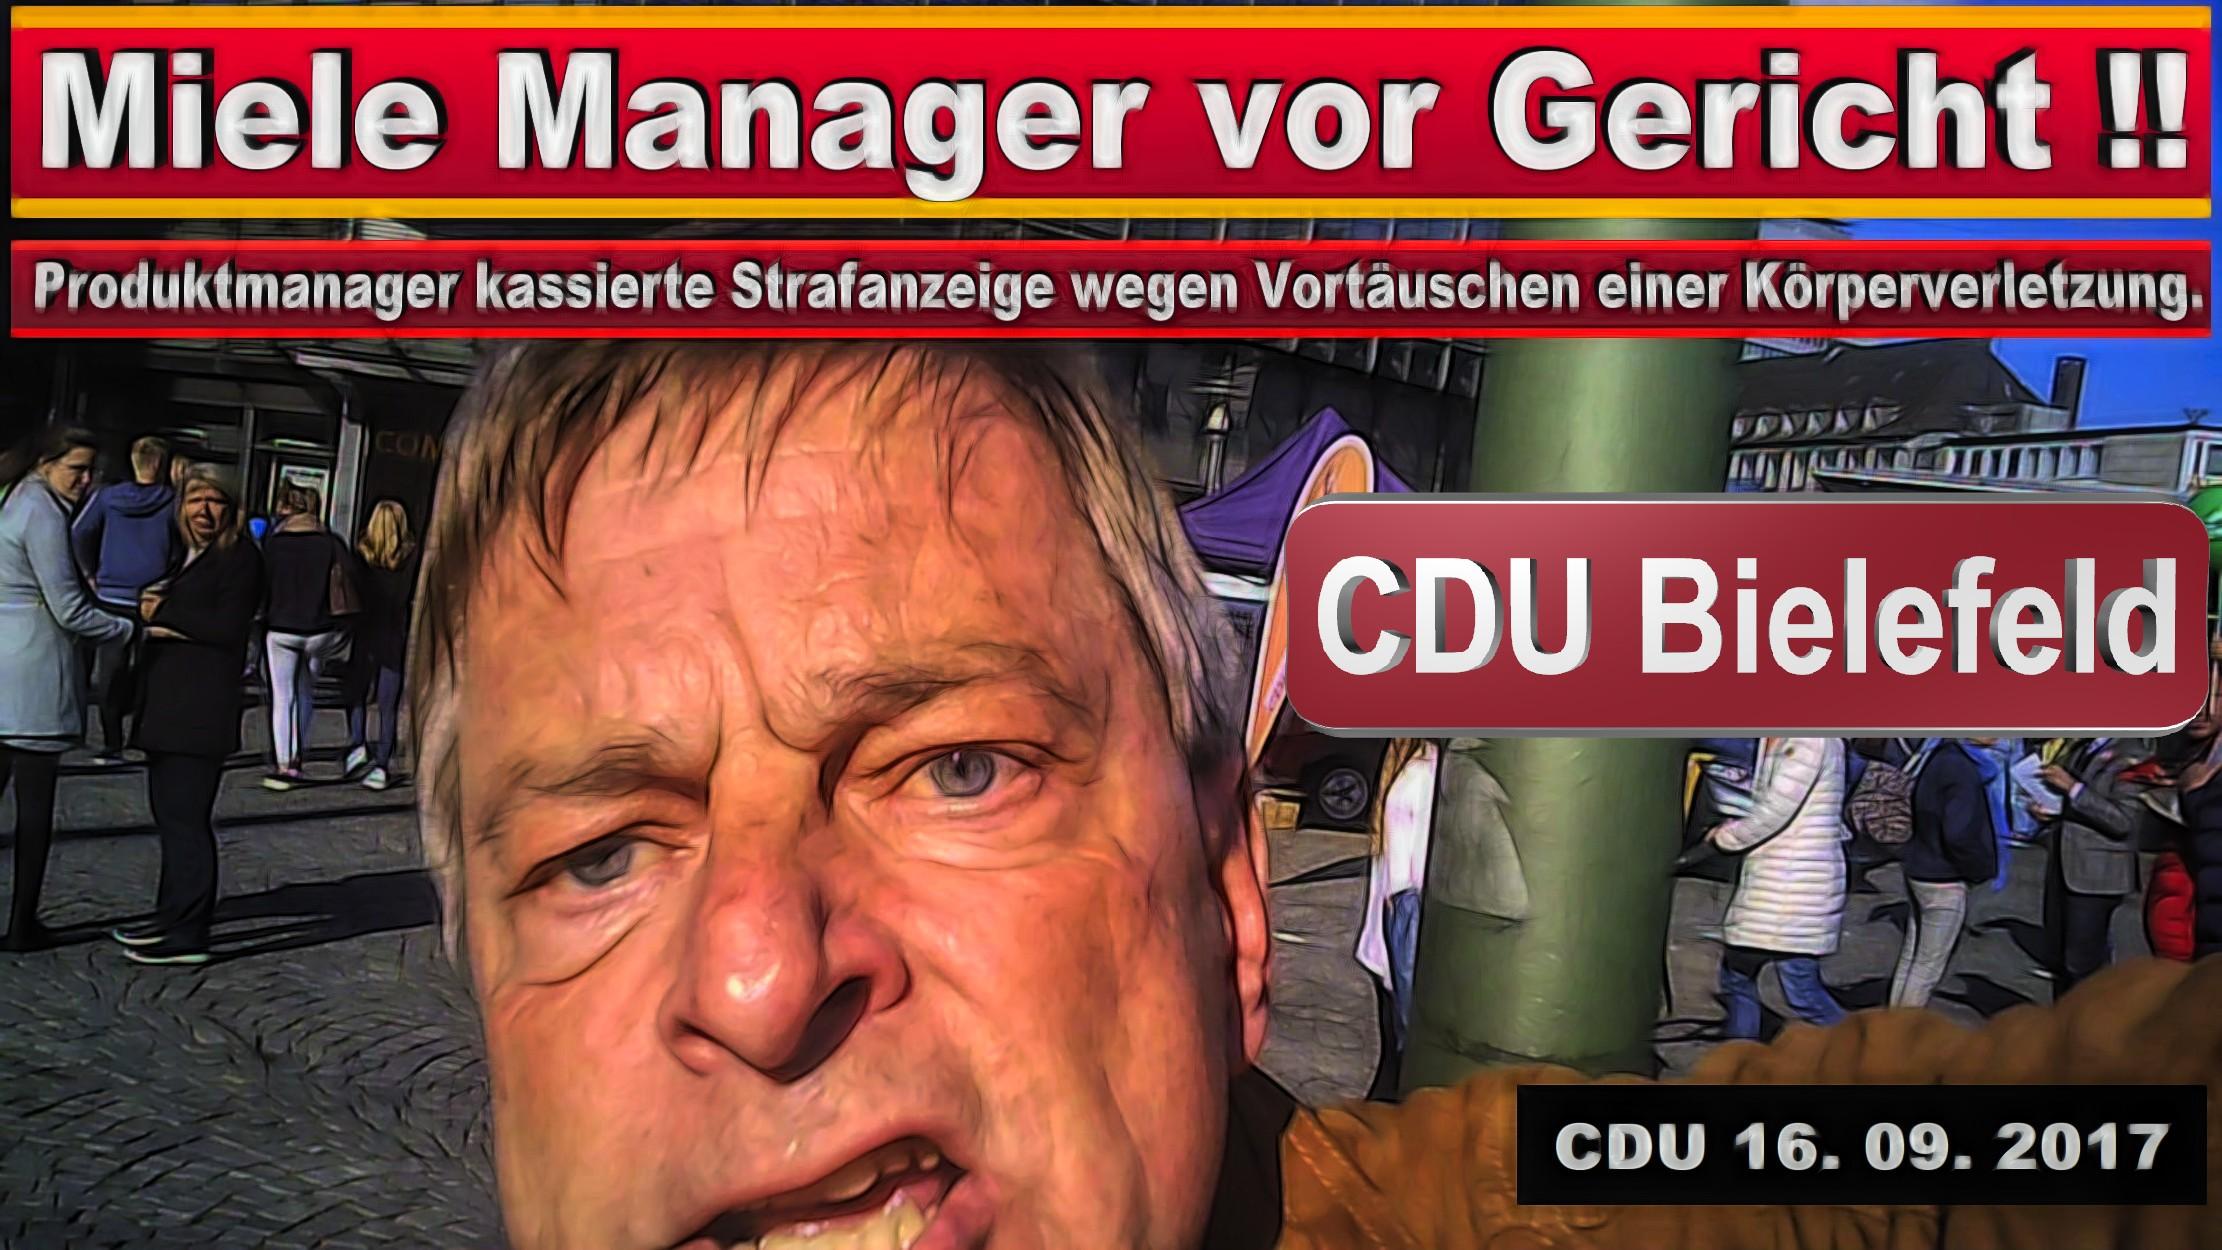 WERNER CDU BIELEFELD MICHAEL WEBER MIELE GüTERSLOH CDU BIELEFELD POLIZEIGEWALT GEWALTAUSBRUCH UND STRAFANZEIGE GEGEN EINEN JOURNALISTEN (4) KOPIE